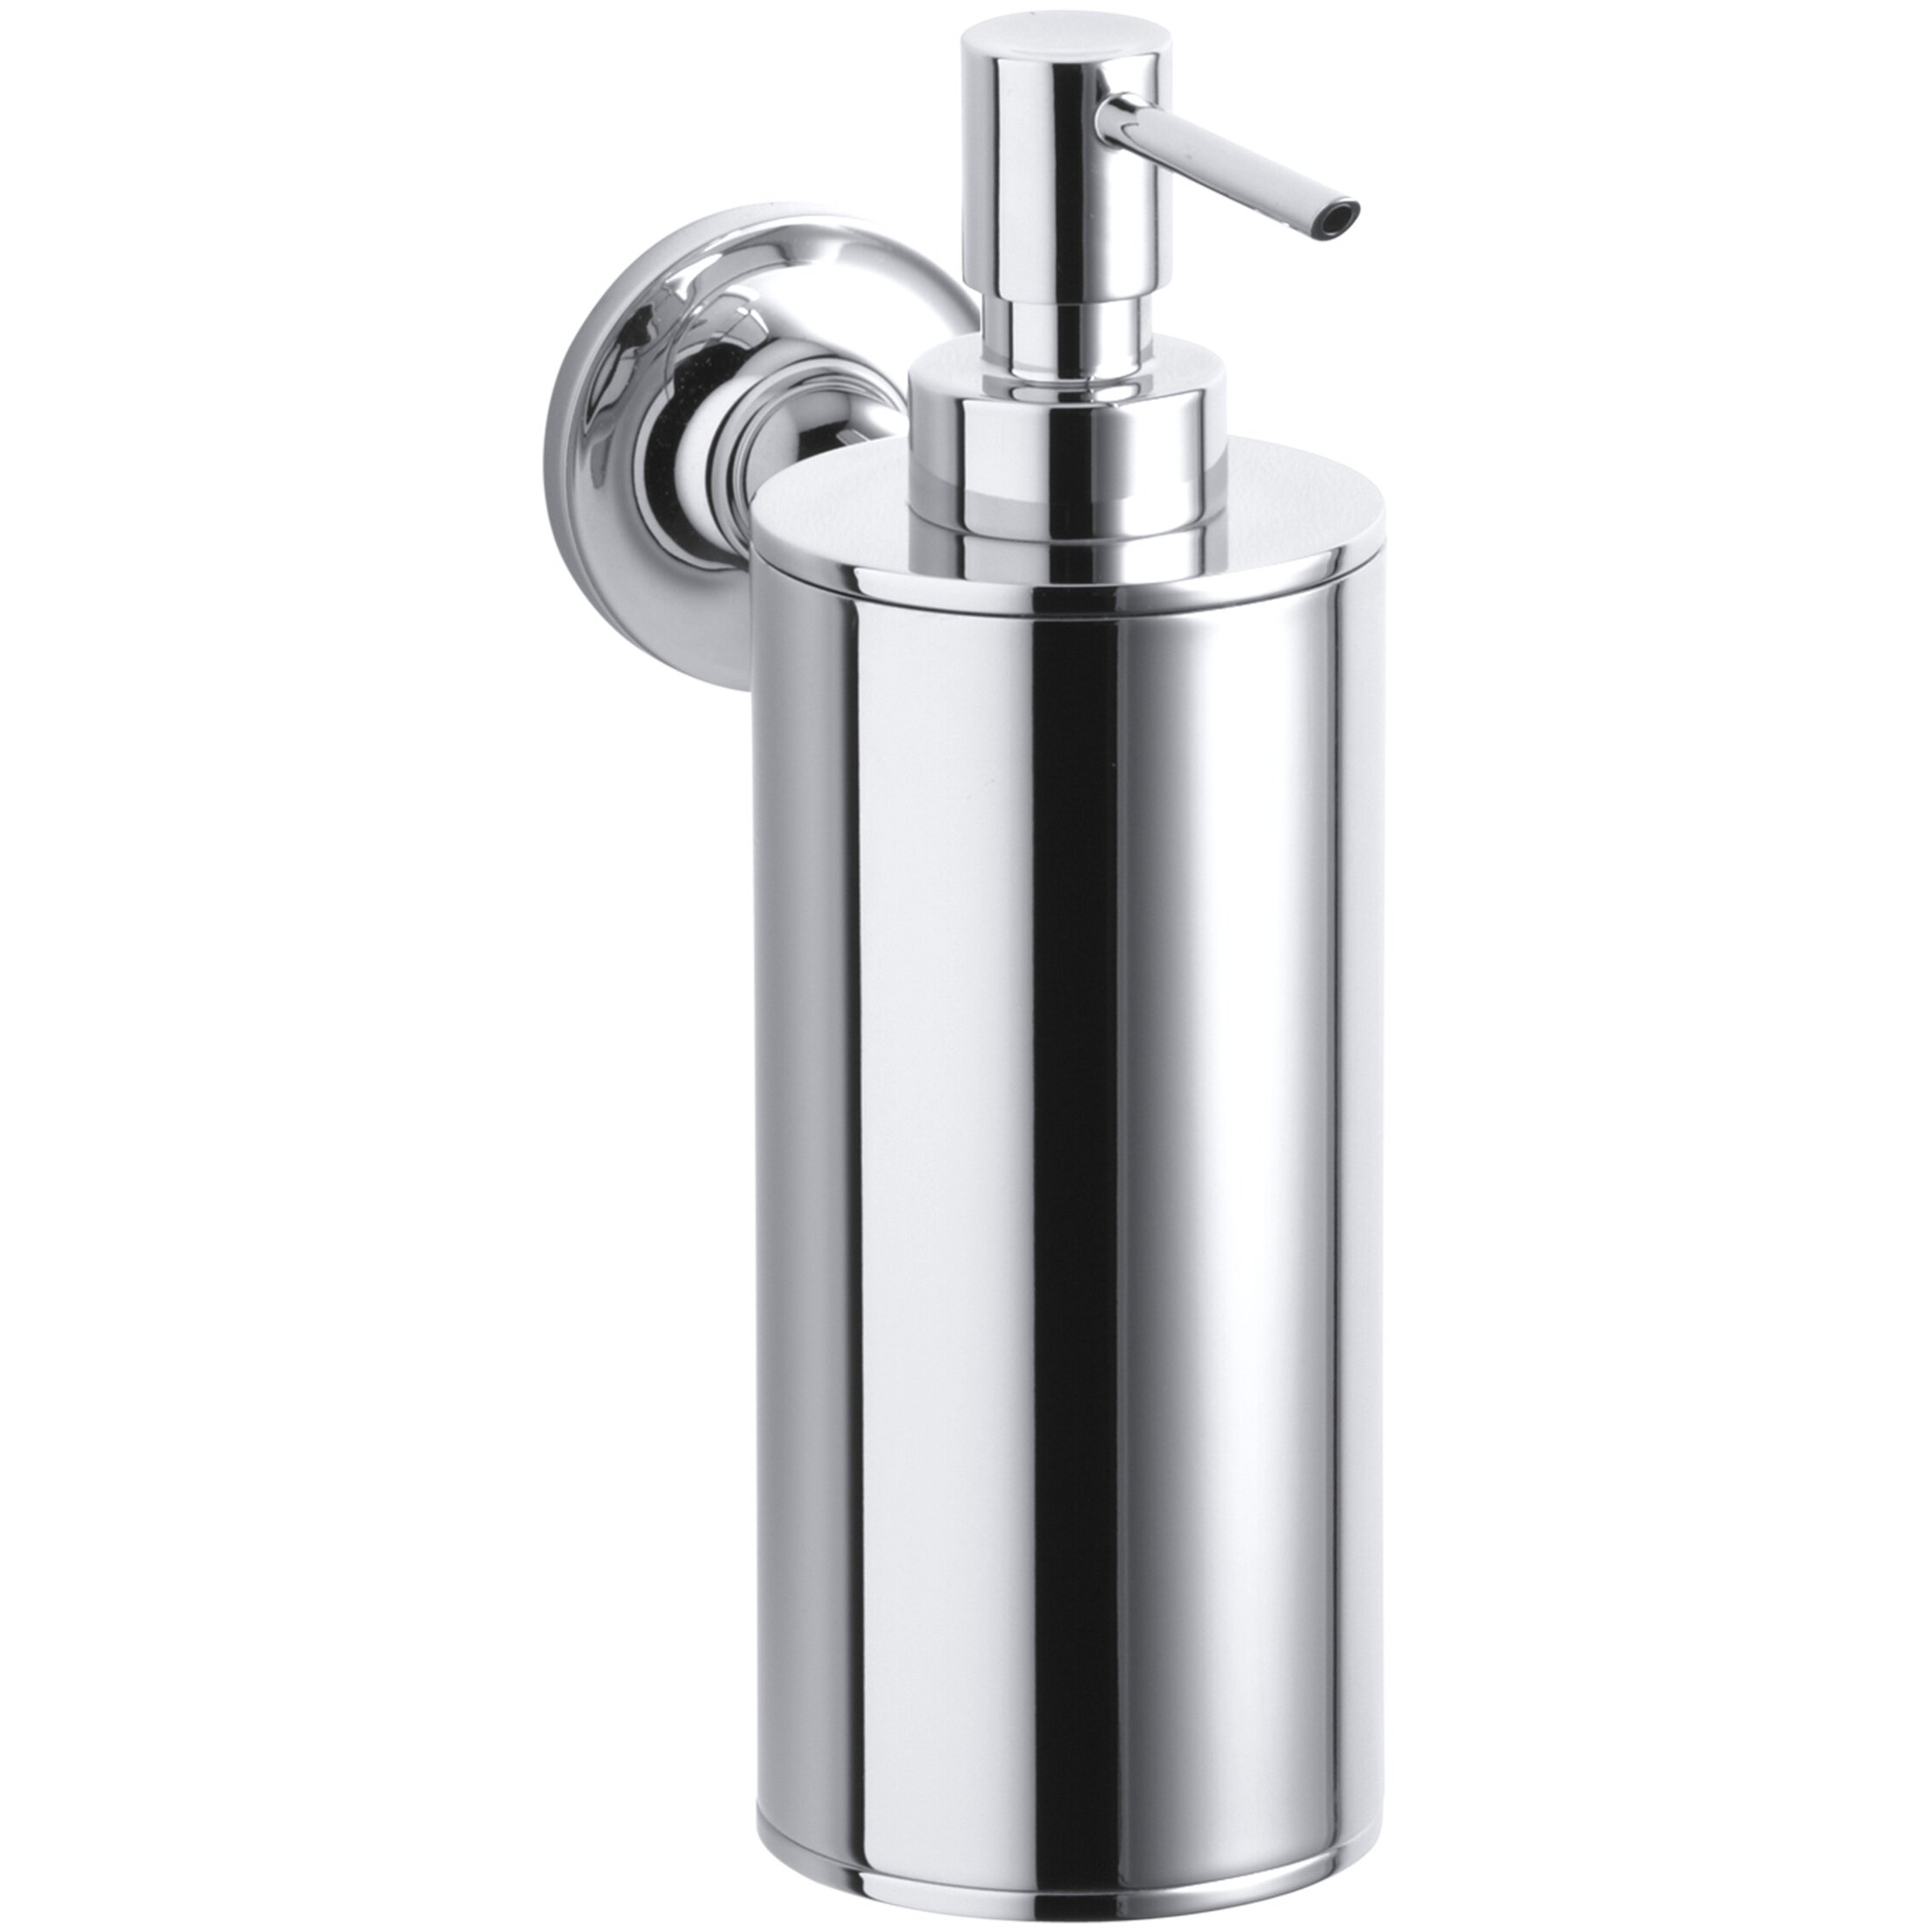 Kohler Purist Wall Mount Soap Dispenser